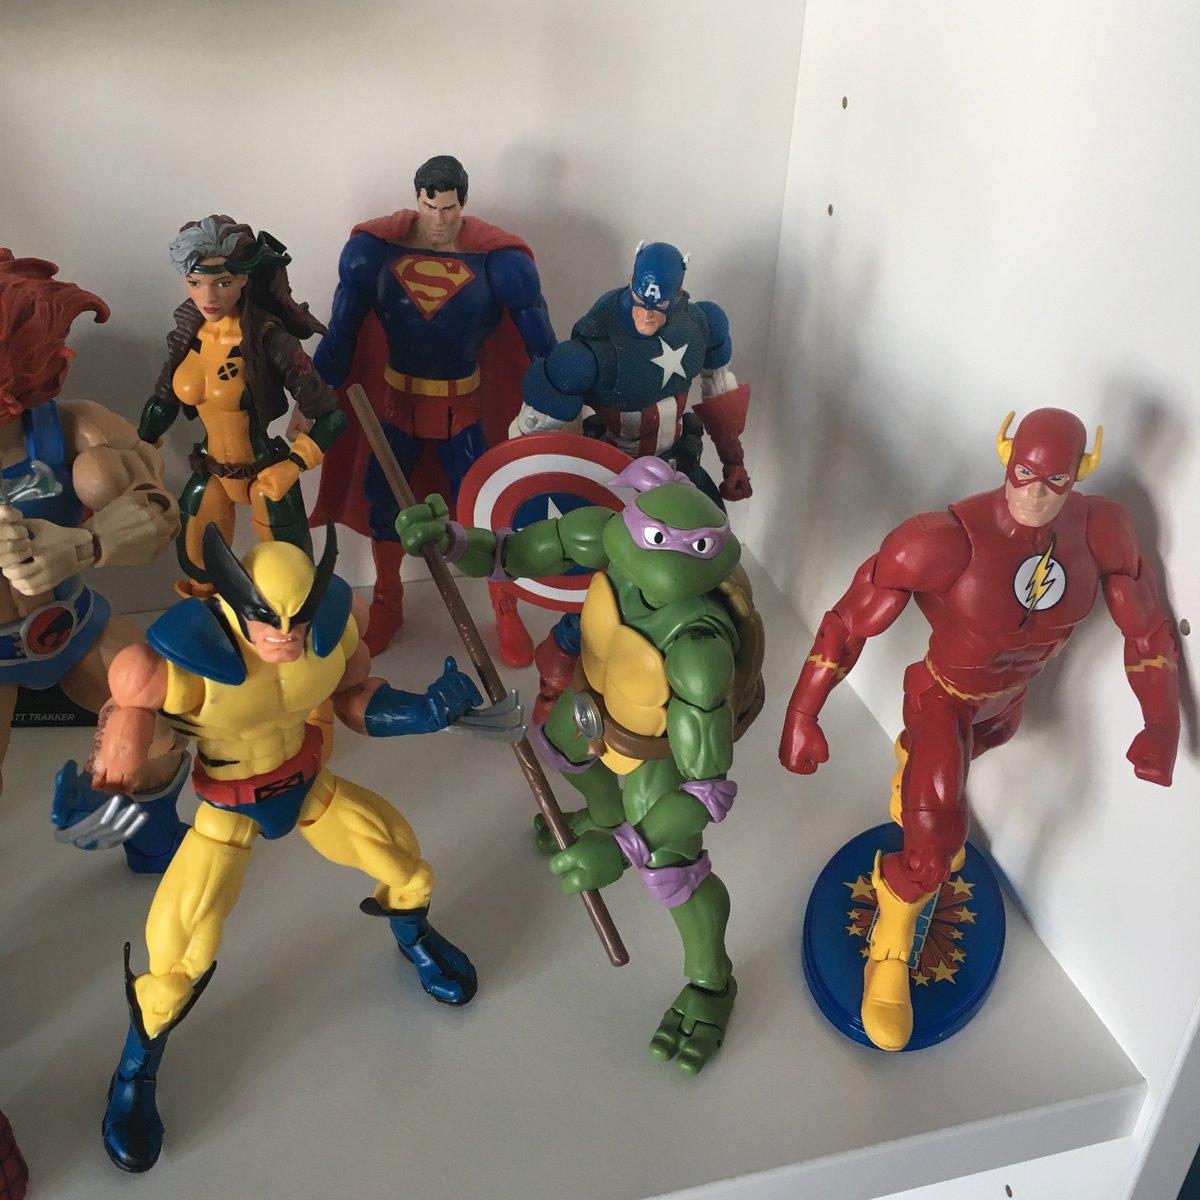 80 Toy Action Figure Shelves - DP1K9QzW4AAMVWX_Cool 80 Toy Action Figure Shelves - DP1K9QzW4AAMVWX  2018_911443.jpg